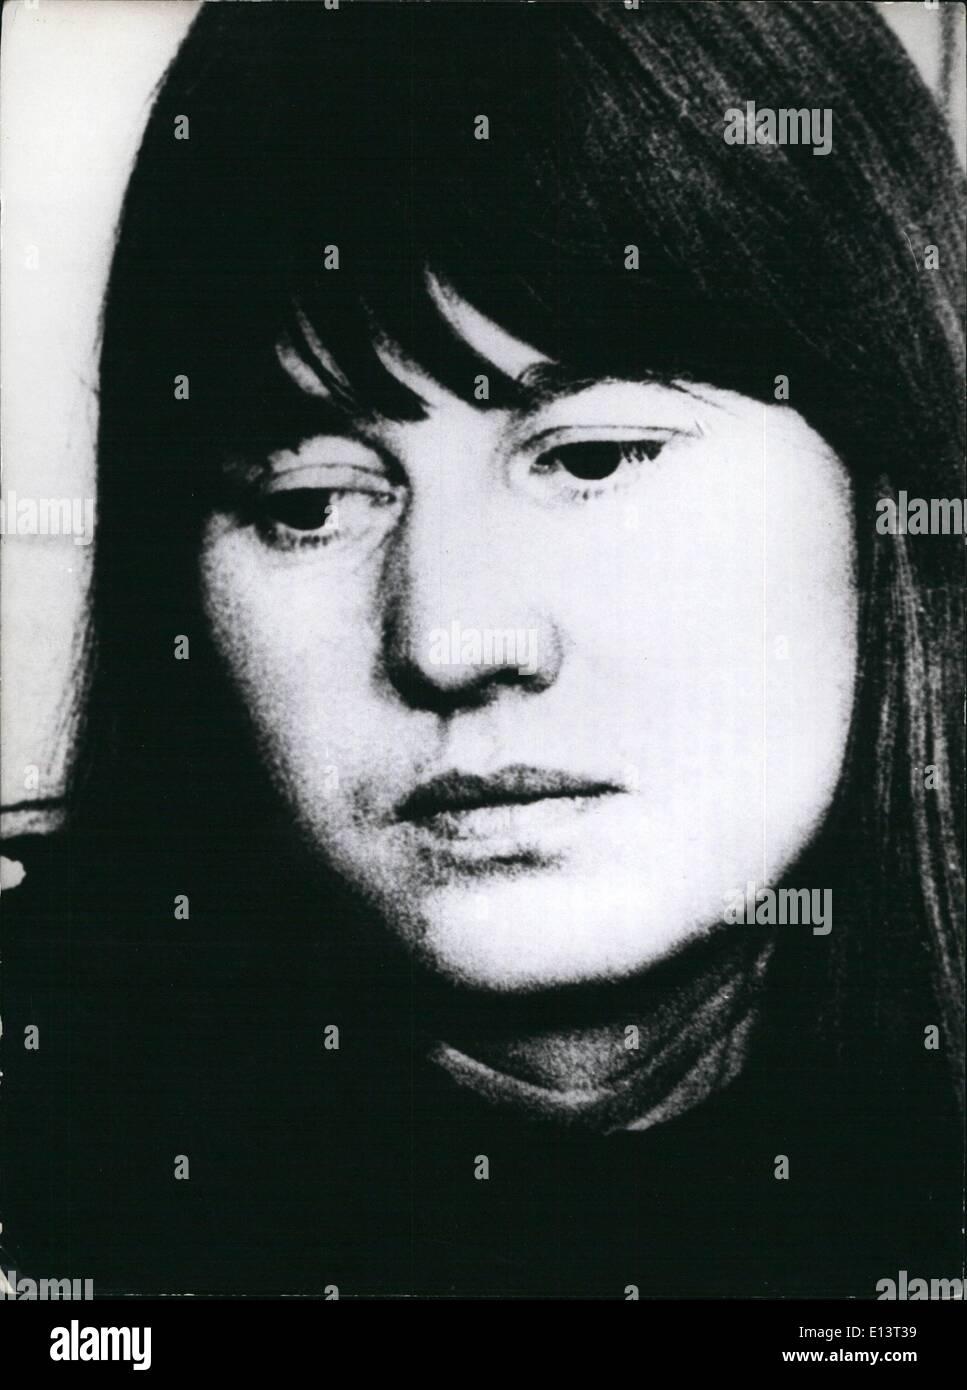 27. März 2012 - Ulrike Meinhof Selbstmord im Gefängnis: fast ein Jahr nach dem Beginn des Prozesses gegen führende Mitglieder der anarchistischen '' Sicken/Meinhof Gruppe '', ein anderes Mitglied der Gruppe hat starb in der Haft. Ulrike Meinhof (41-Bild) wurde am 9. Mai tot in ihrer Zelle des Gefängnisses Stuttgart-Stammheim gefunden, nachdem sie sich mit einem Handtuch erhängt hatte. Am 9. November 1974 gestorben Holger Meins, auch einer der Führer der Gruppe, wobei Sie in den Hungerstreik getreten. Ulrike Meinhof, geboren am 7. Oktober 1934 in Oldenburg (Norddeutschland) Stockbild